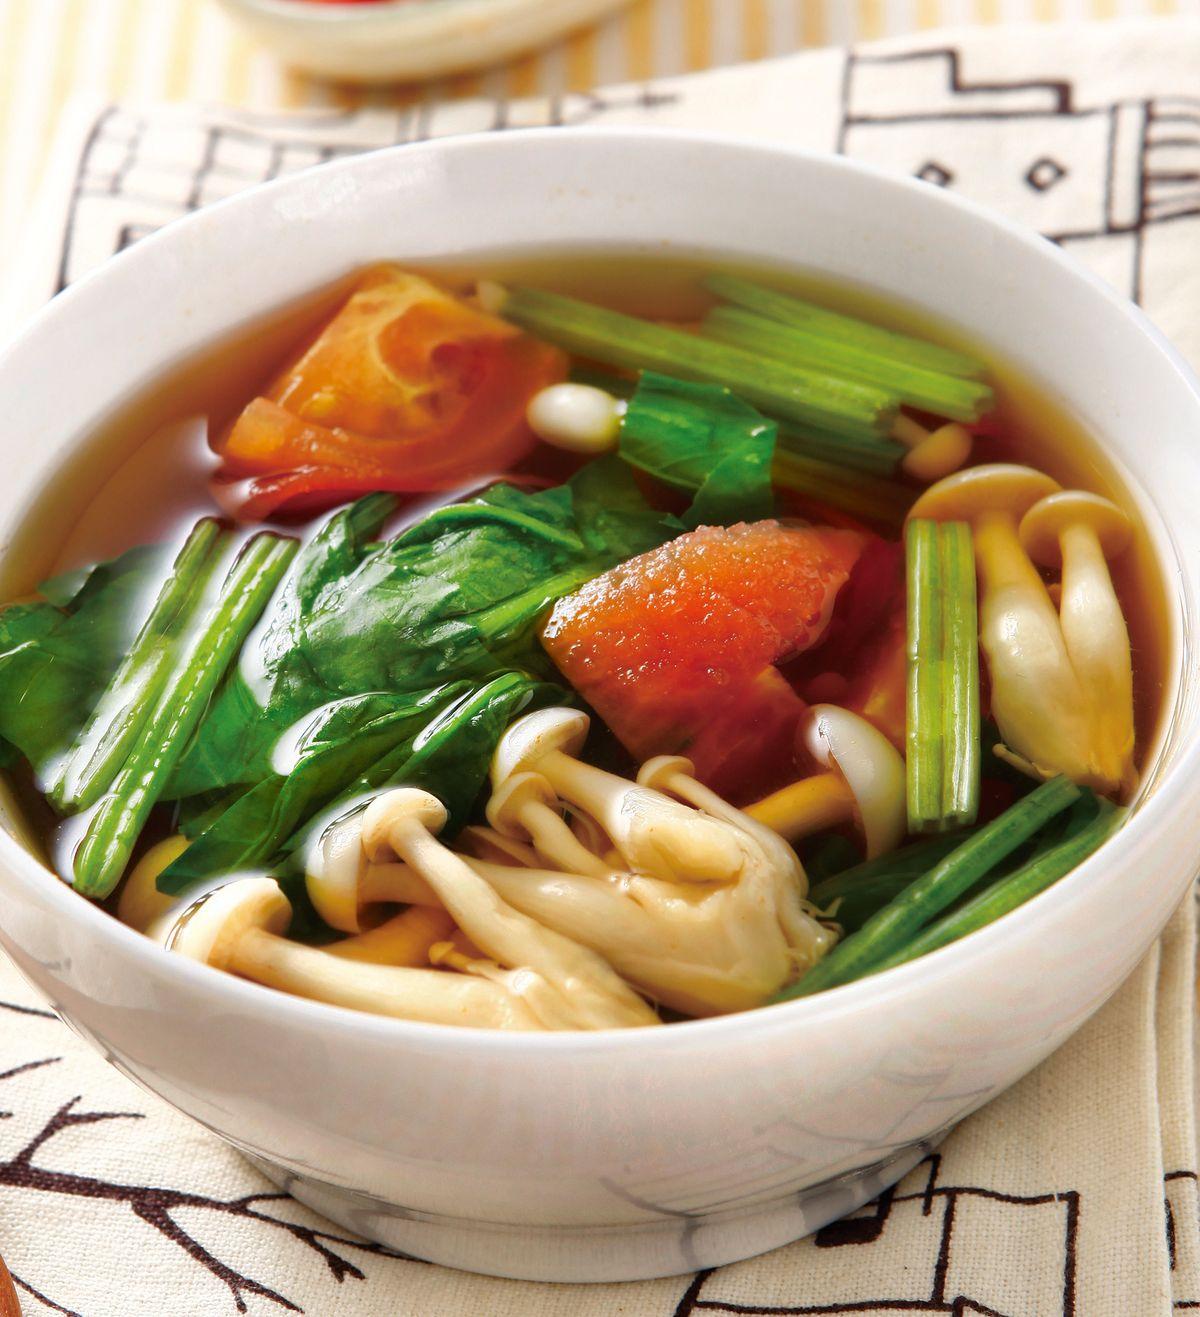 食譜:菠菜番茄鮮菇湯